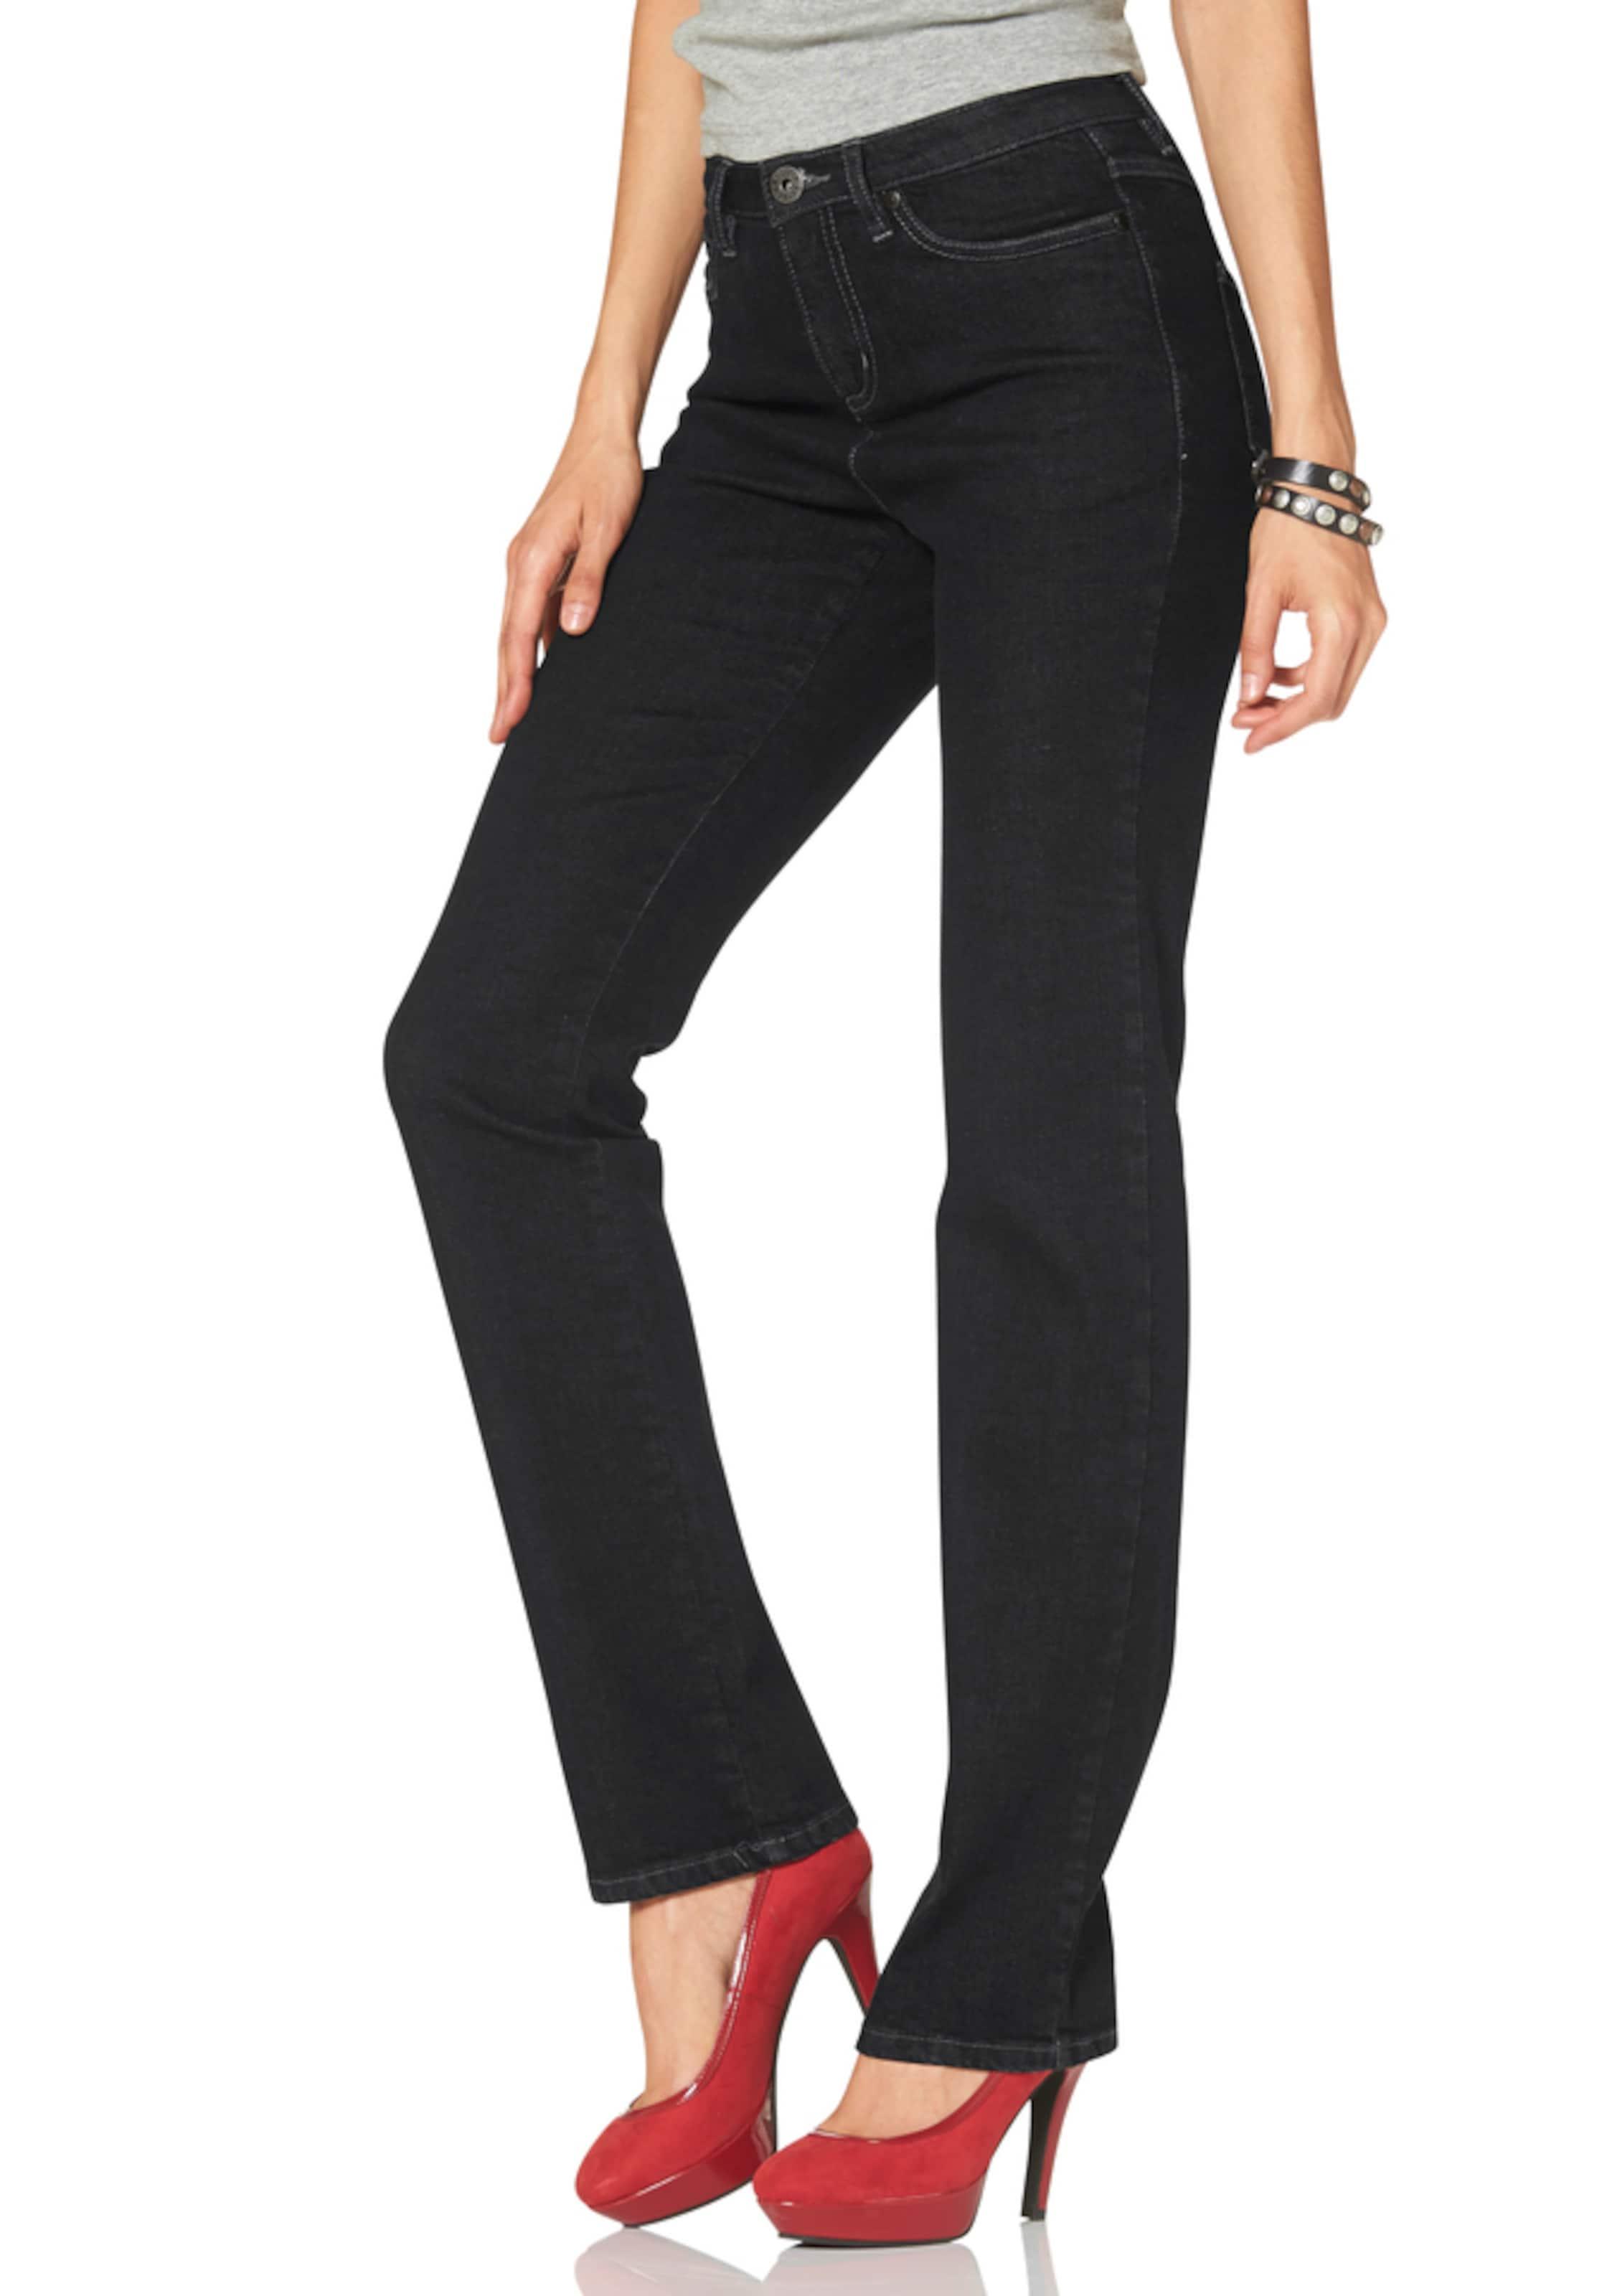 Günstig Kaufen Mode-Stil ARIZONA Comfort-fit-Jeans Online Shop hgZZ30lZ